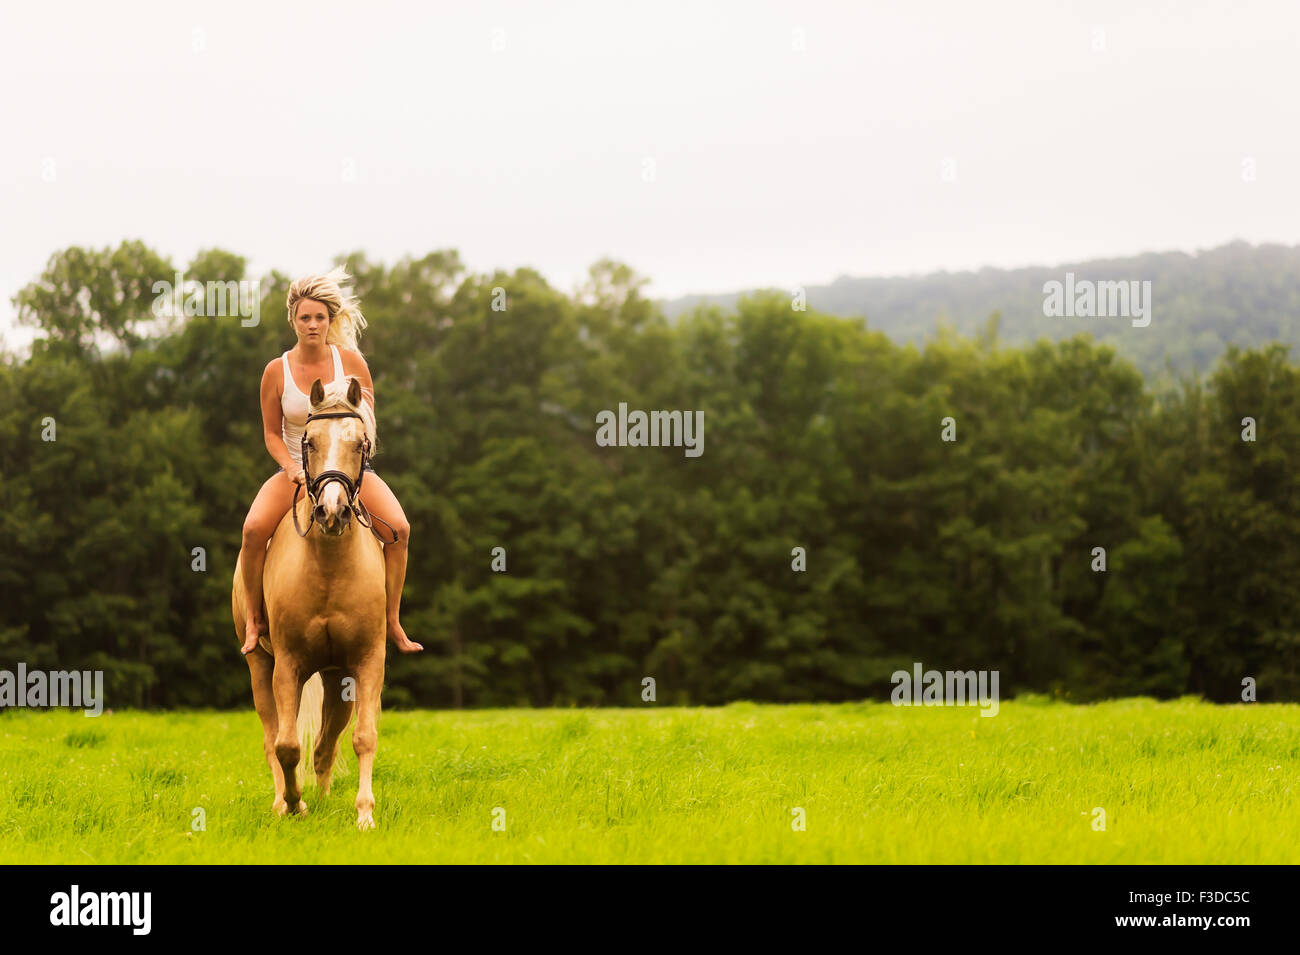 Femme l'équitation de campagne Photo Stock